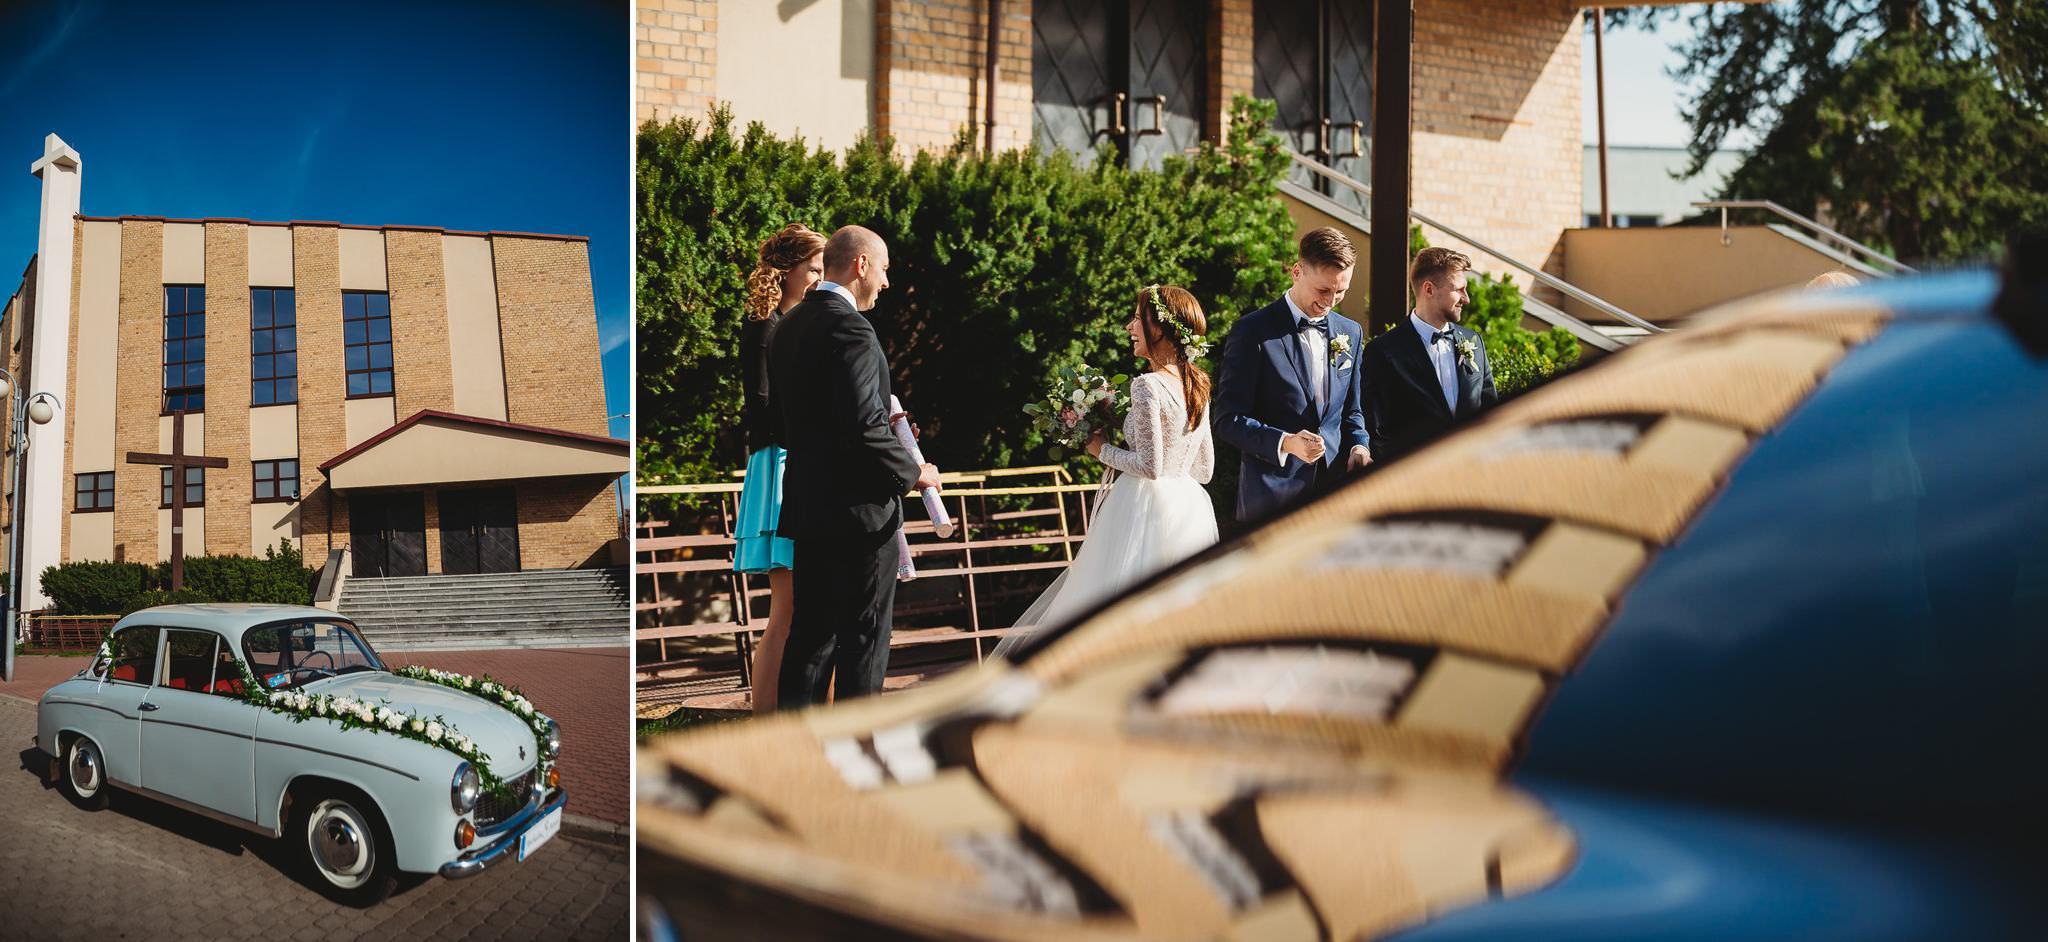 Fantastyczny ślub w stylu rustykalnym, wesele w Kapitańskiej  fotograf ślubny Konin 85